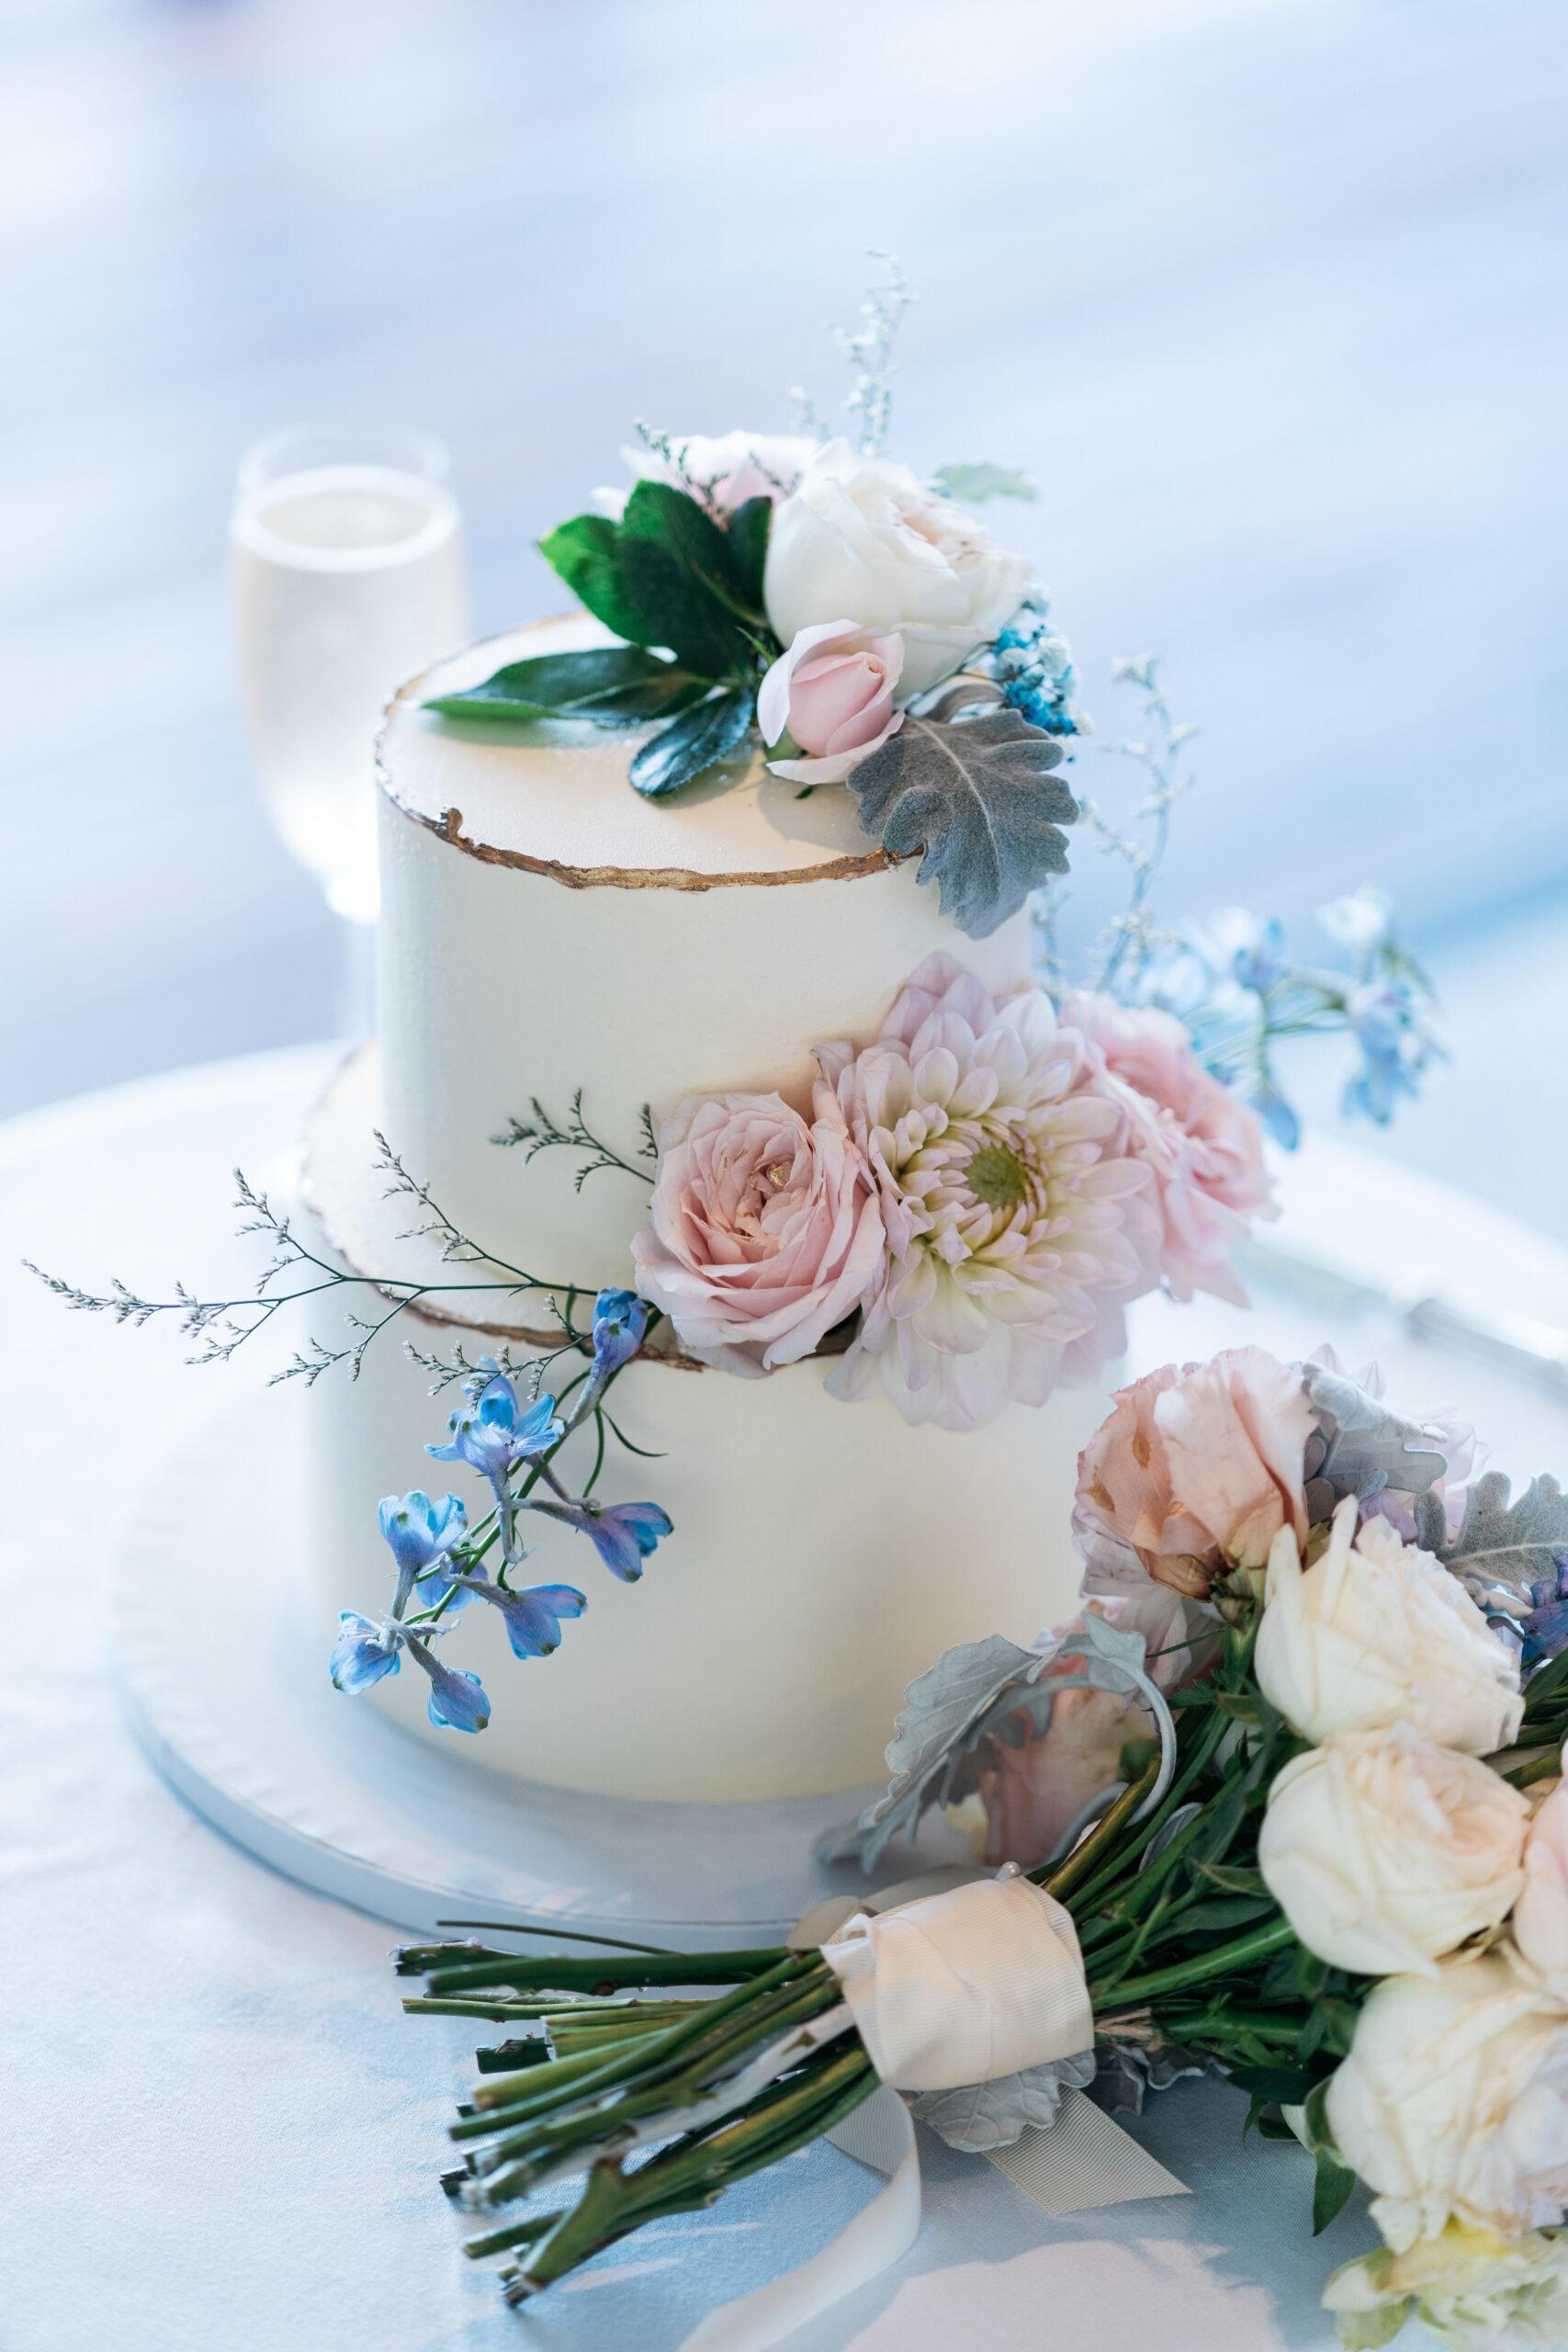 delicate wedding cake | Tumbleweed Events